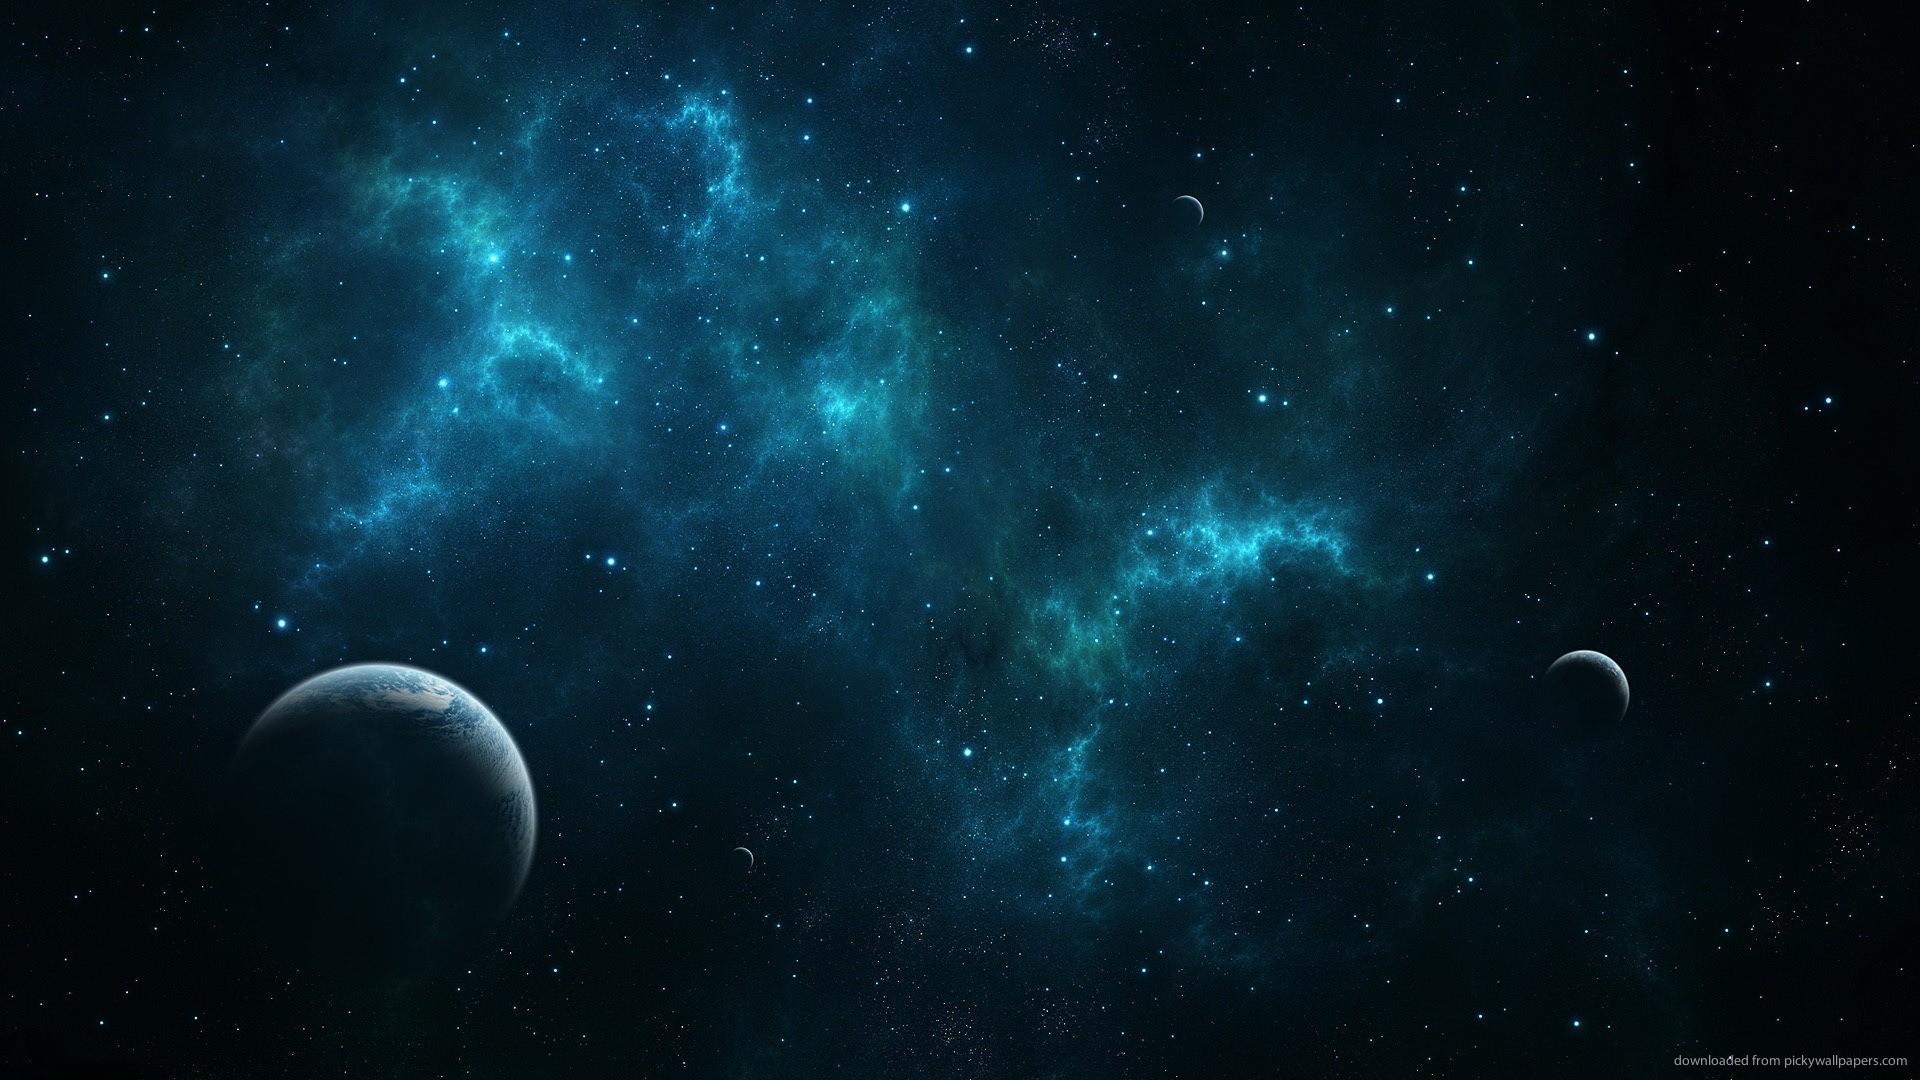 1920x1080 Deep Blue Space Wallpaper